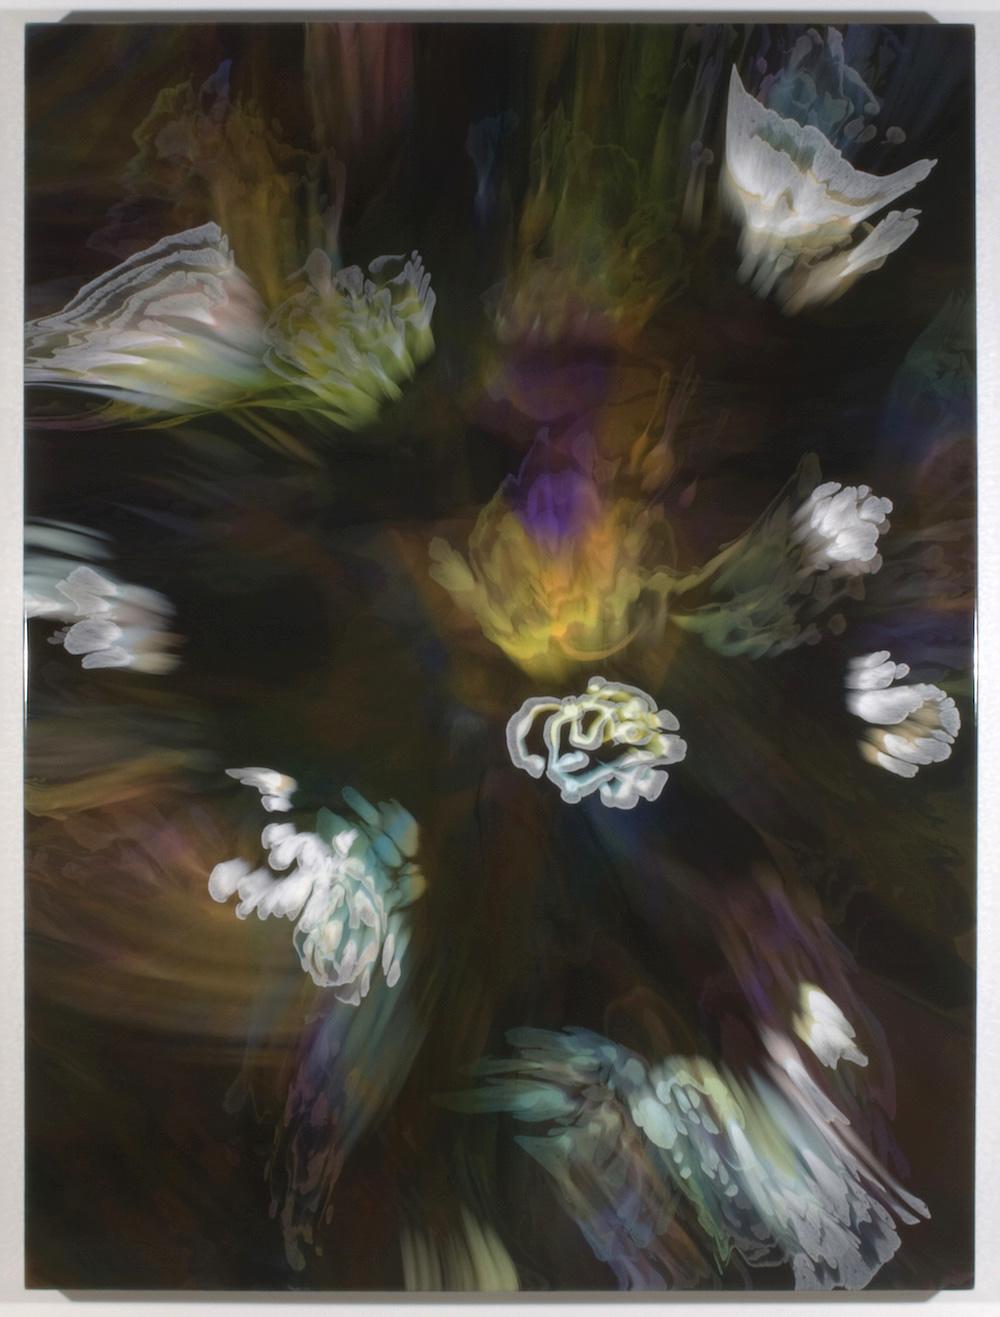 François Lacasse, Grande échappée V, 2019, acrylique et encre sur toile, 162,6 x 121,9 cm